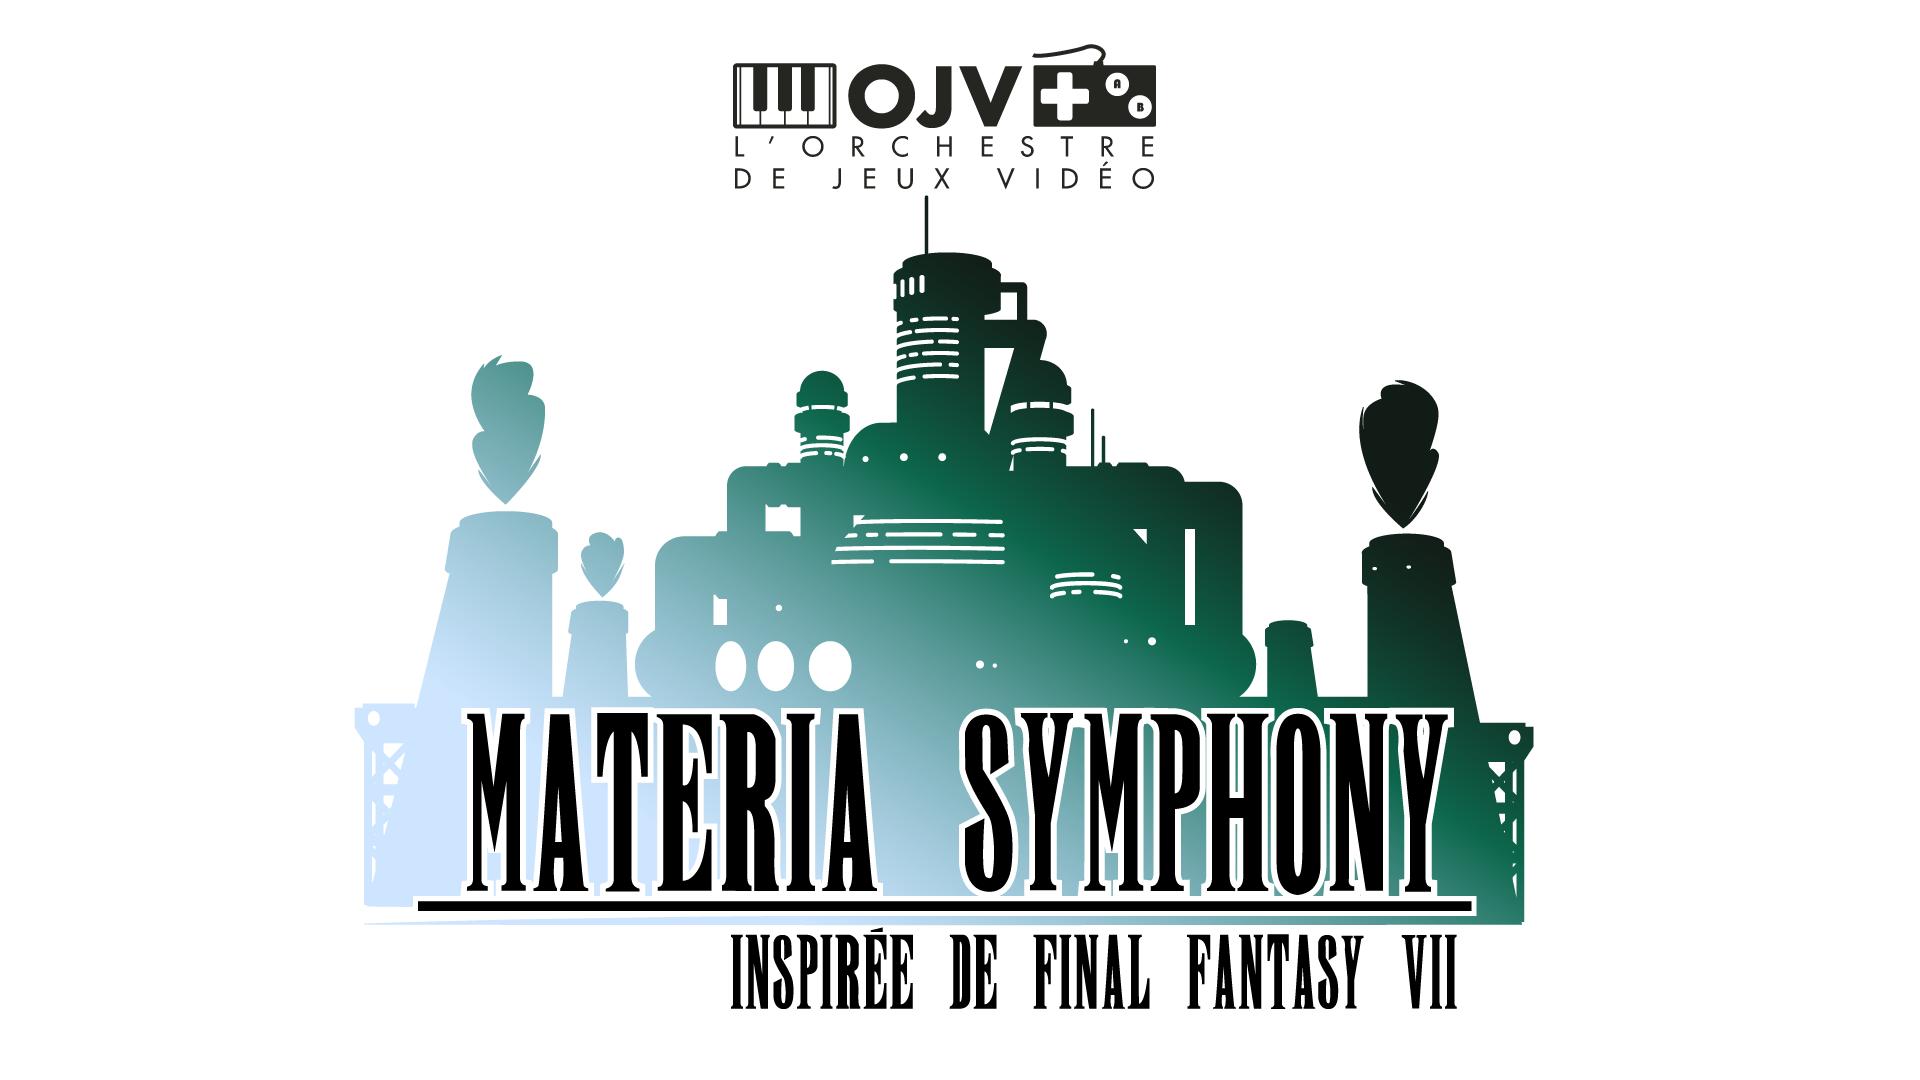 Final Fantasy VII - Materia Symphony